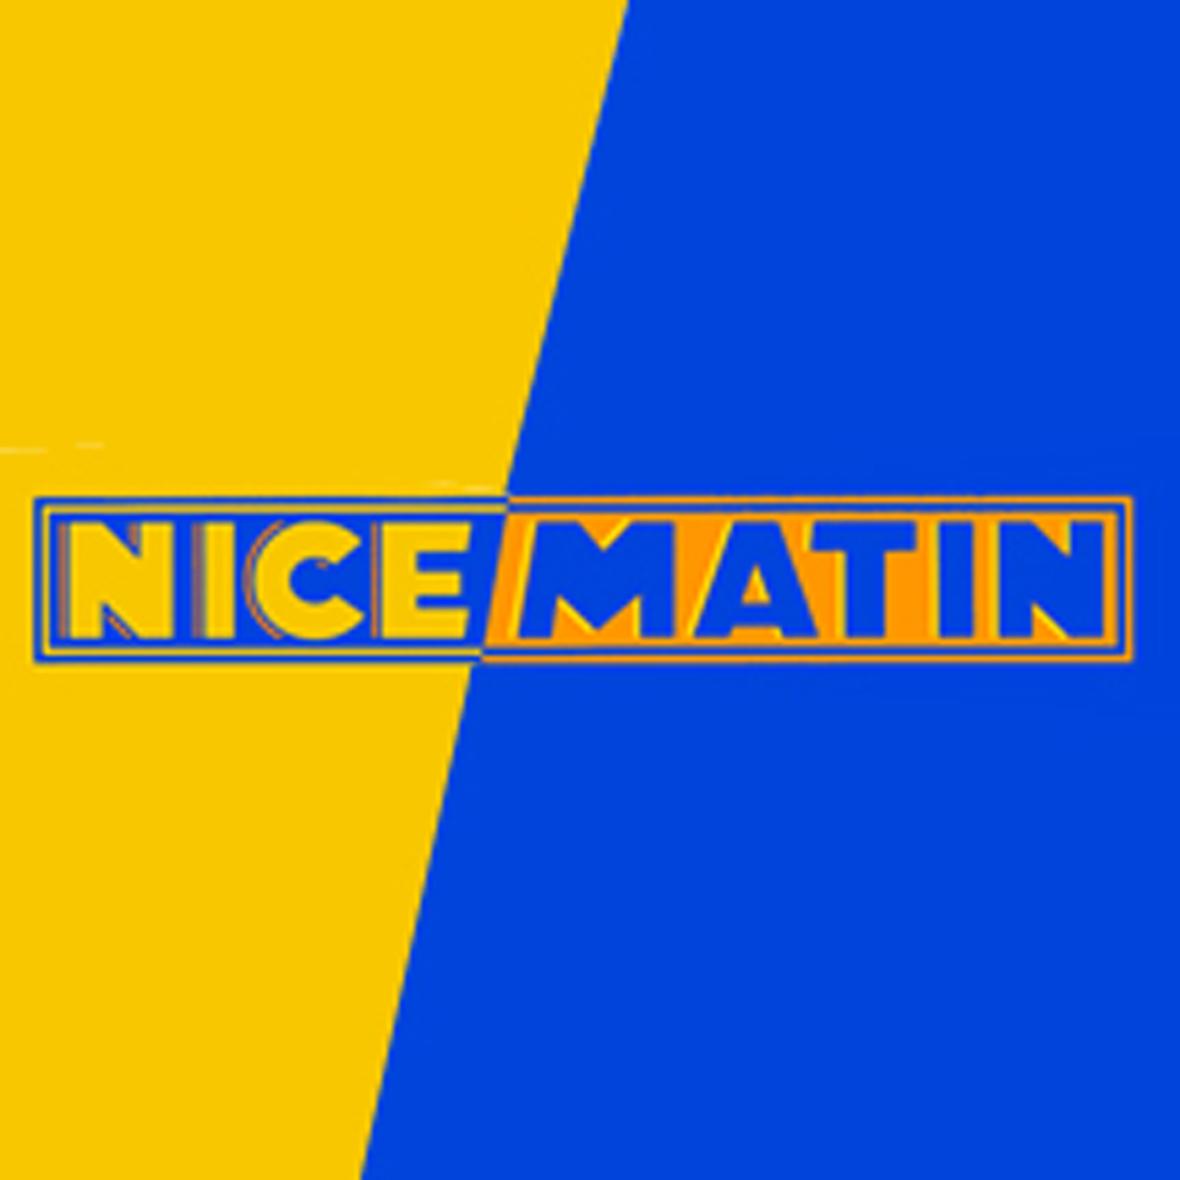 NiceMatin lfor menu covers